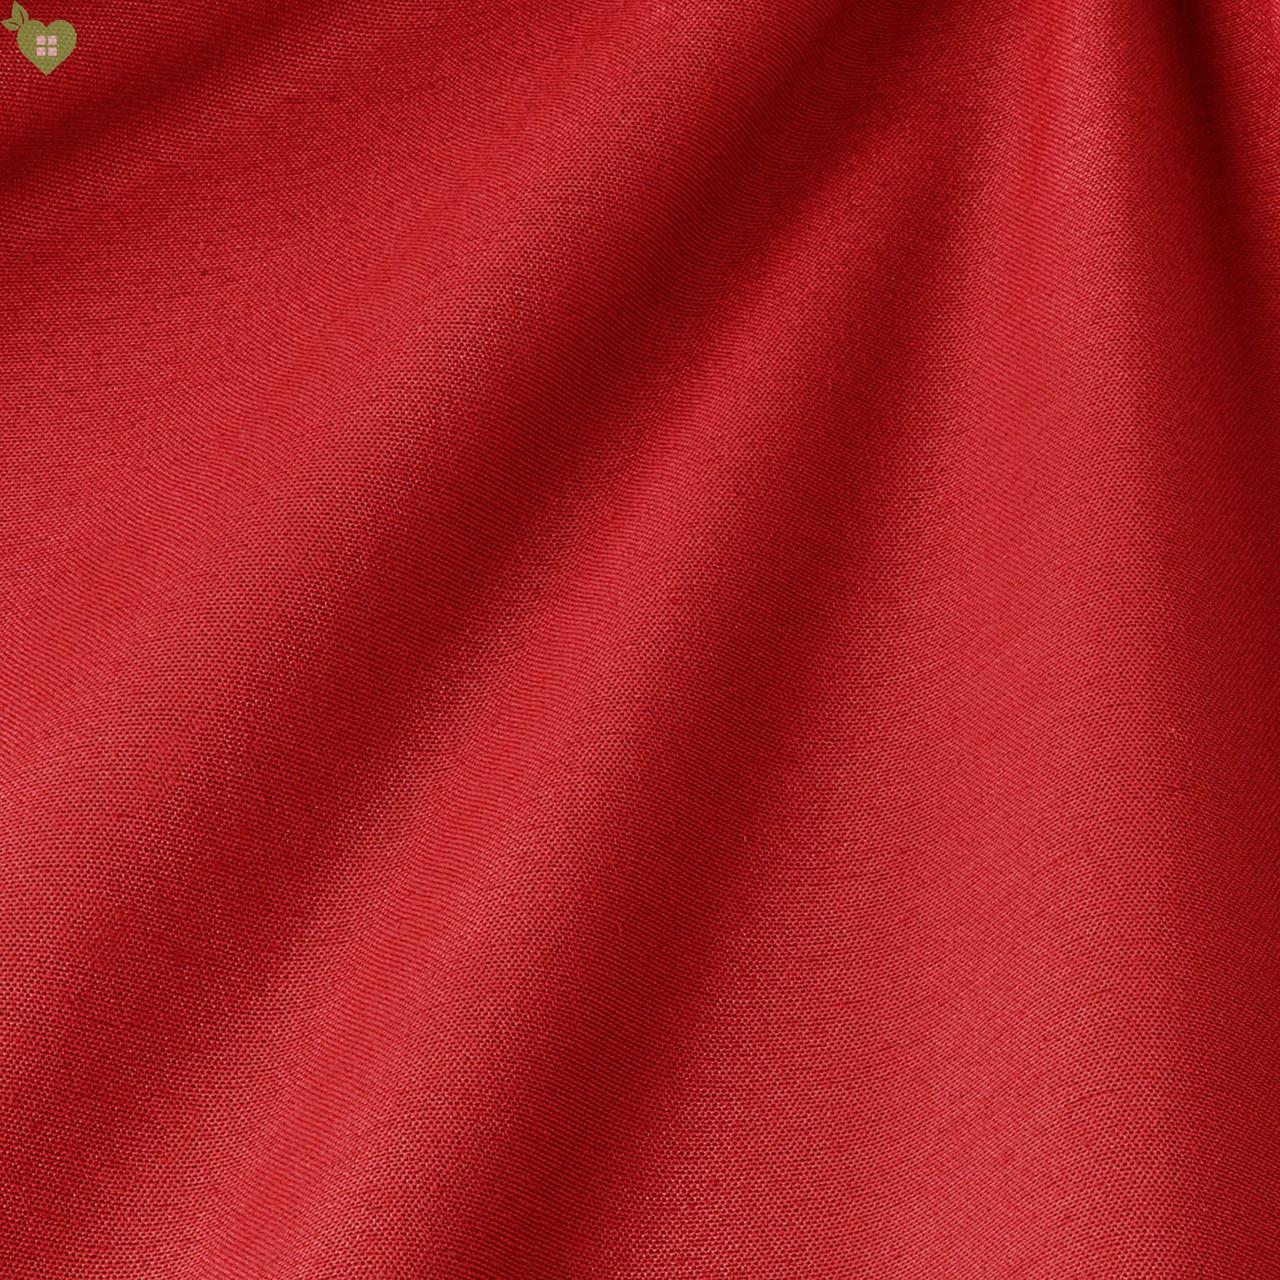 Однотонна люмінесцентно декоративна тканина-червоного кольору Іспанія 82755v59